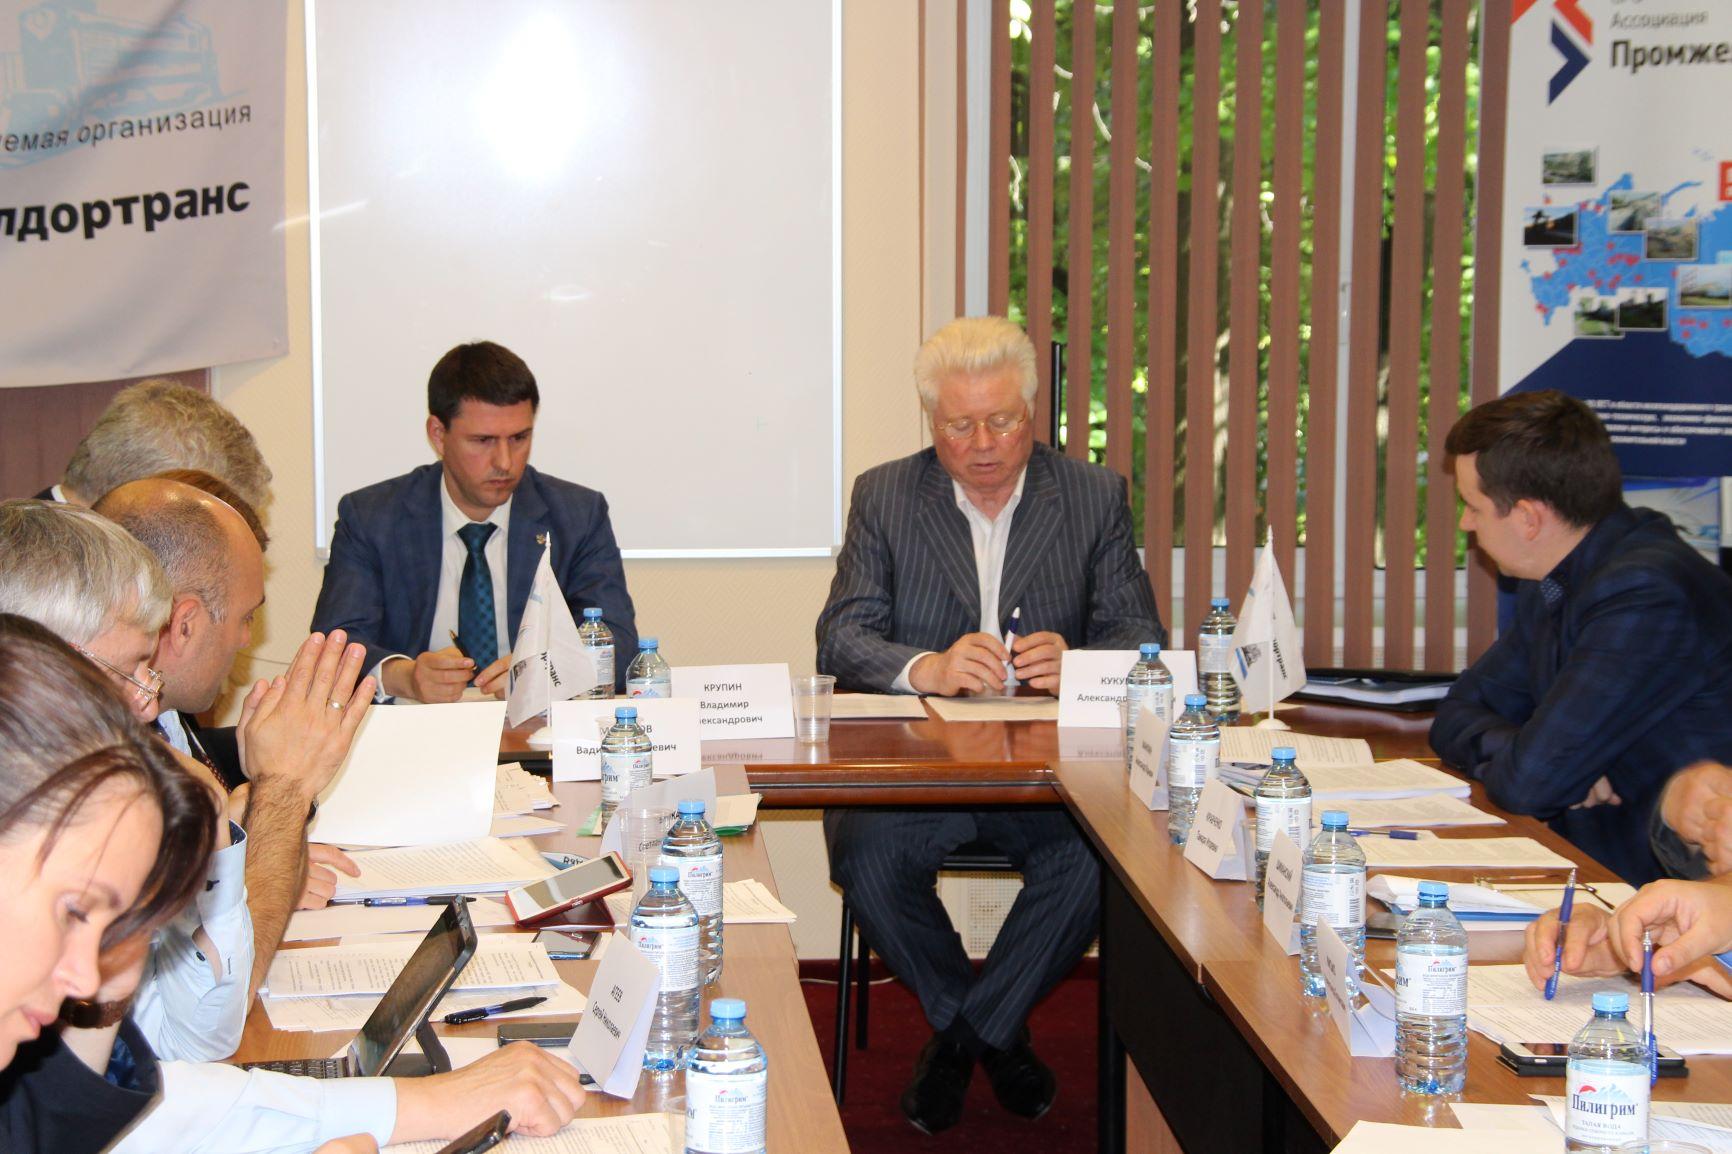 Итоги заседания Комитета по железнодорожному транспорту СТР